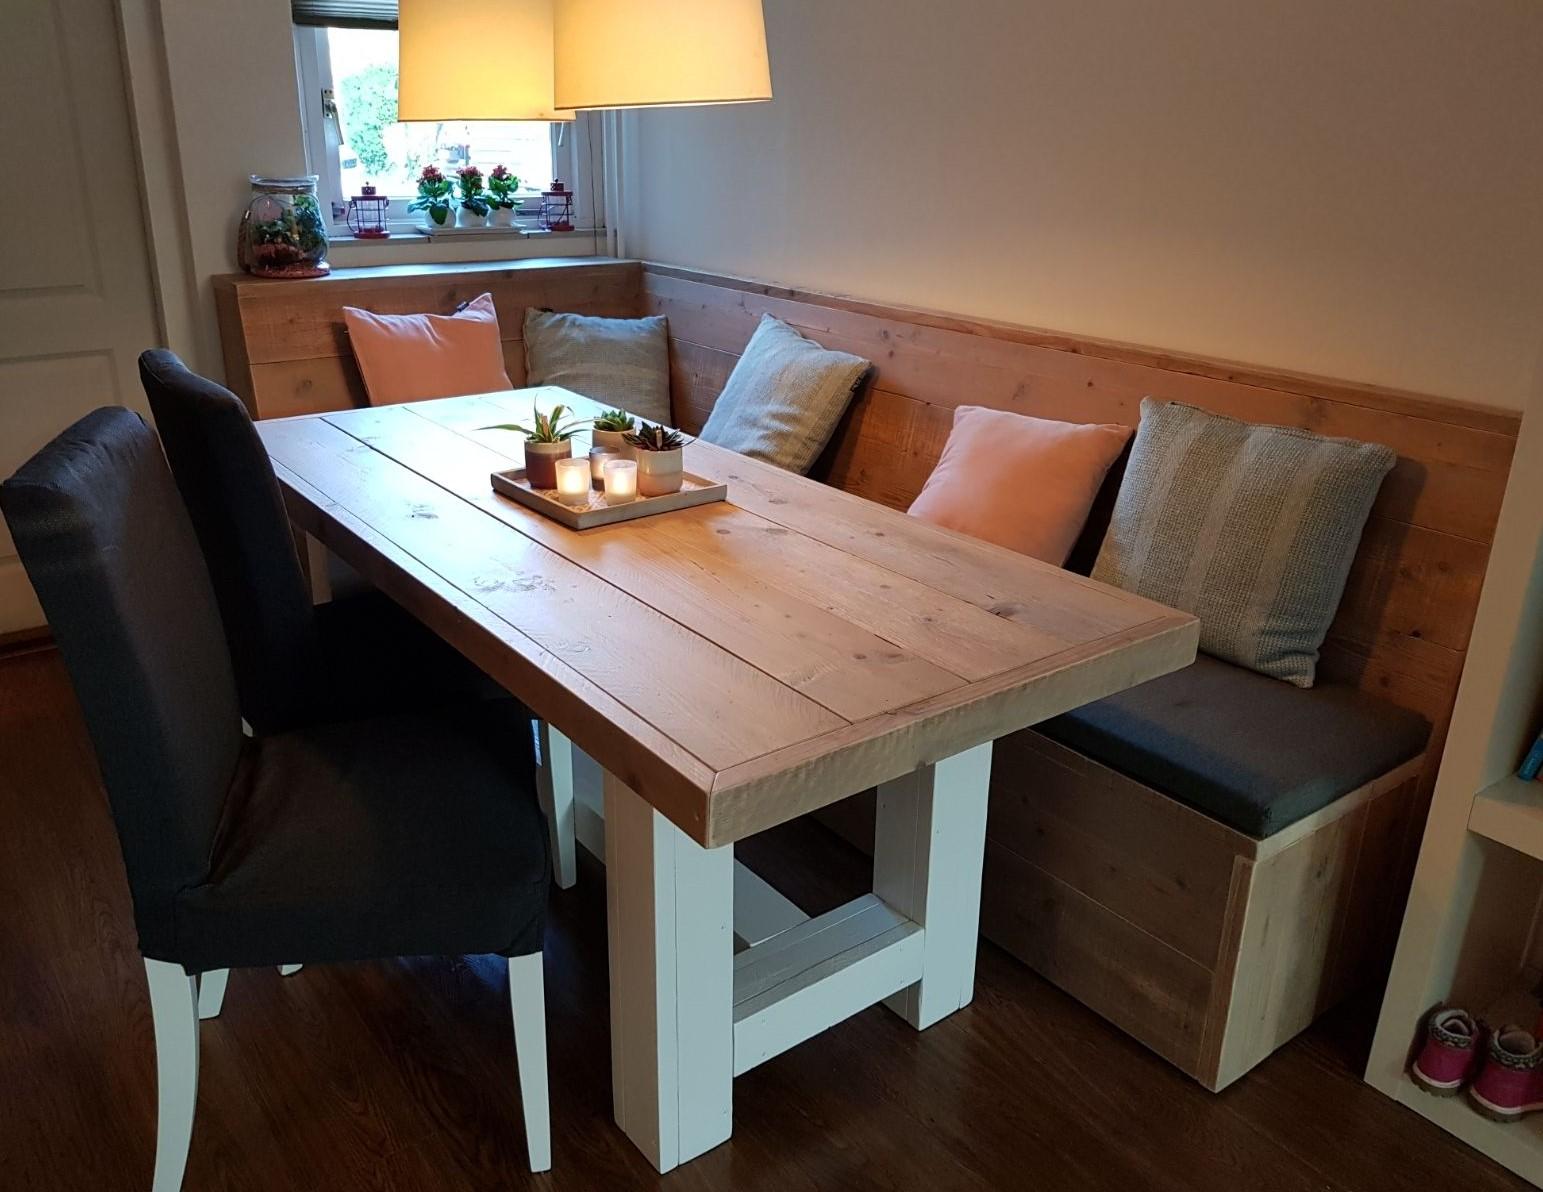 Landelijke eettafel van steigerhout met wit onderstel.